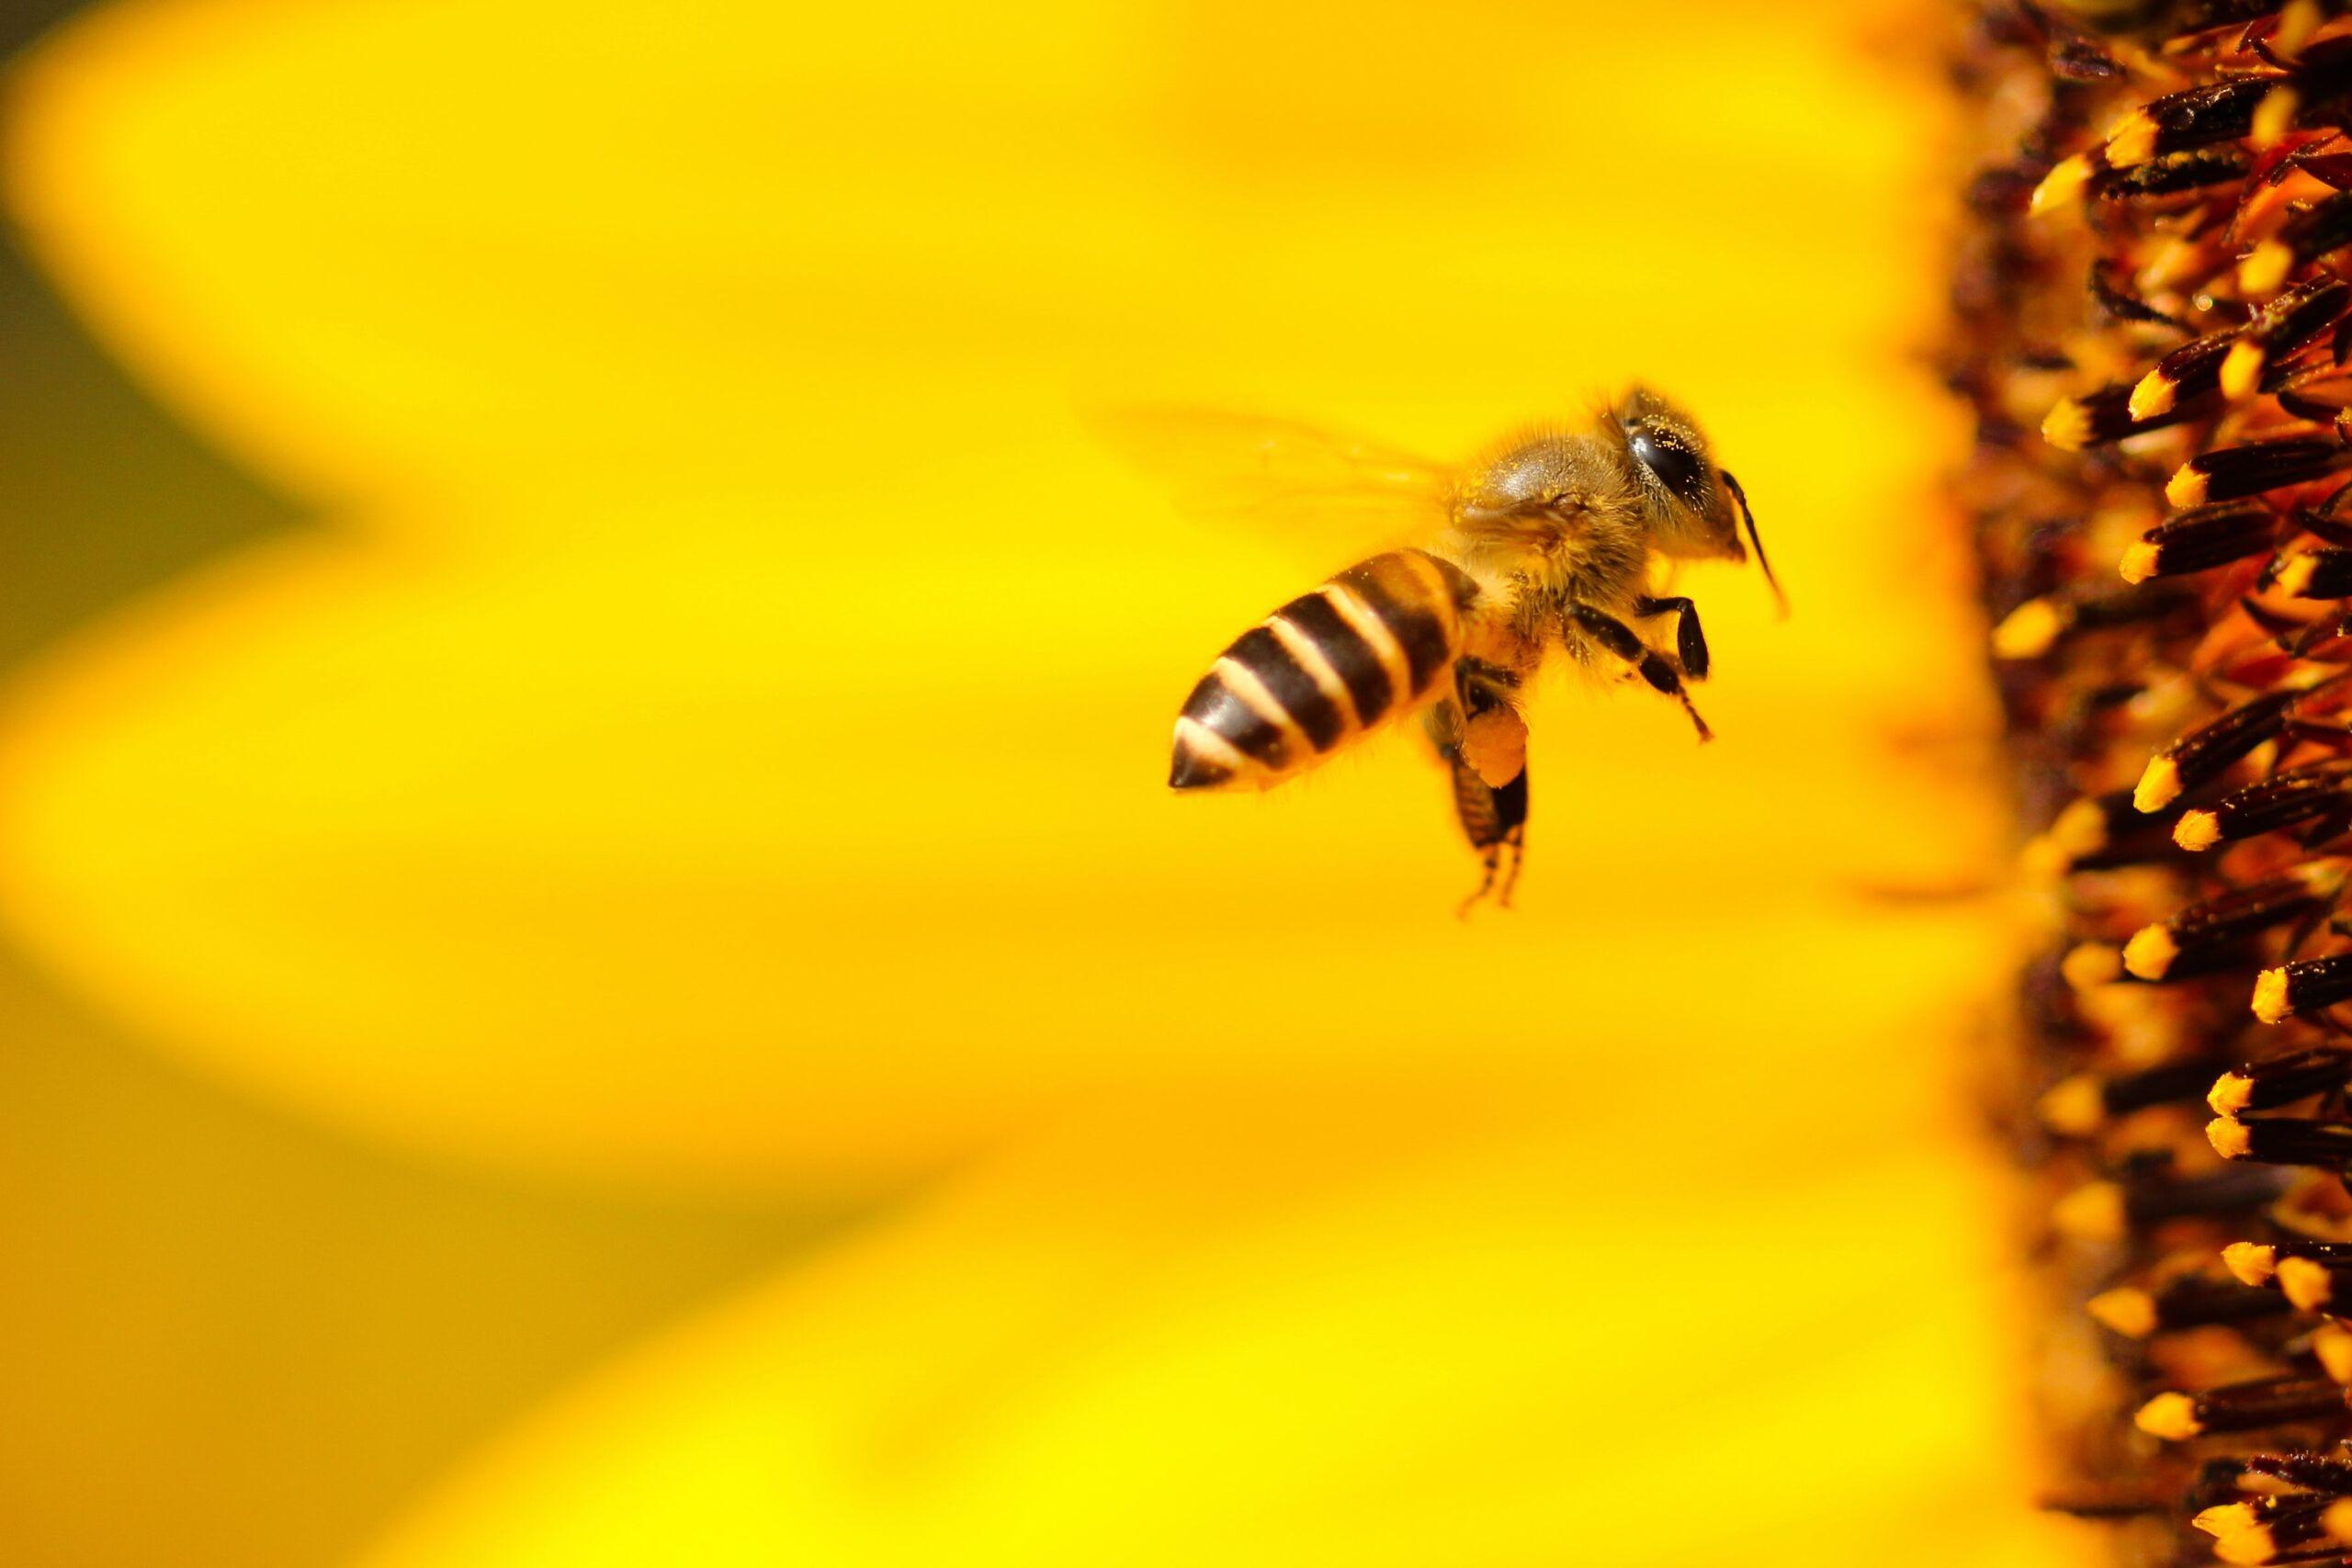 Eine Biene fliegt auf eine Sonnenblume zu